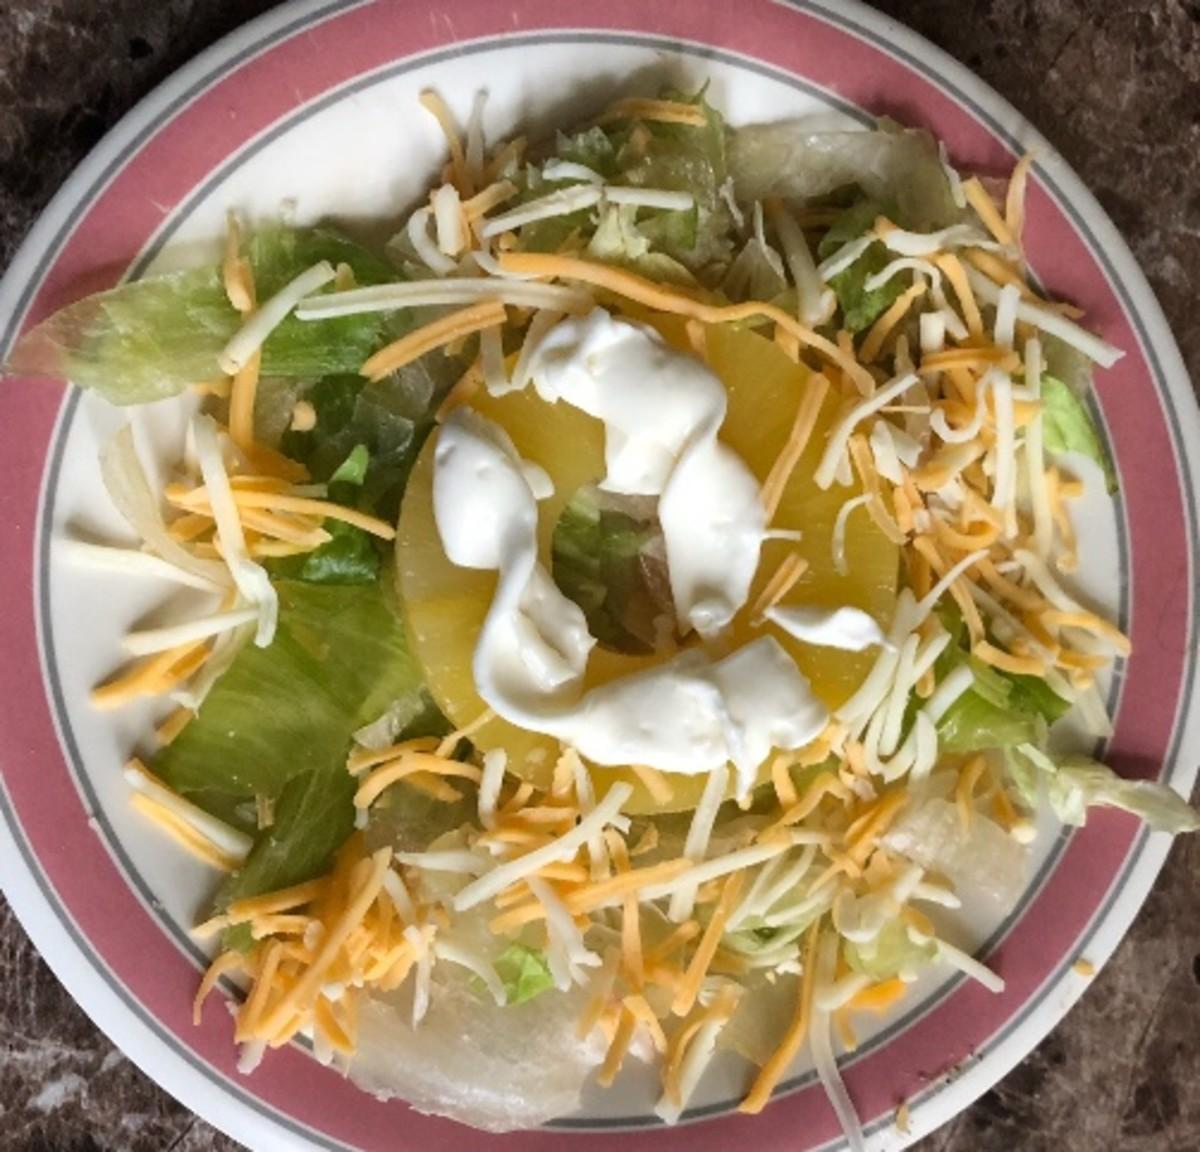 Grandma Enie's pineapple salad